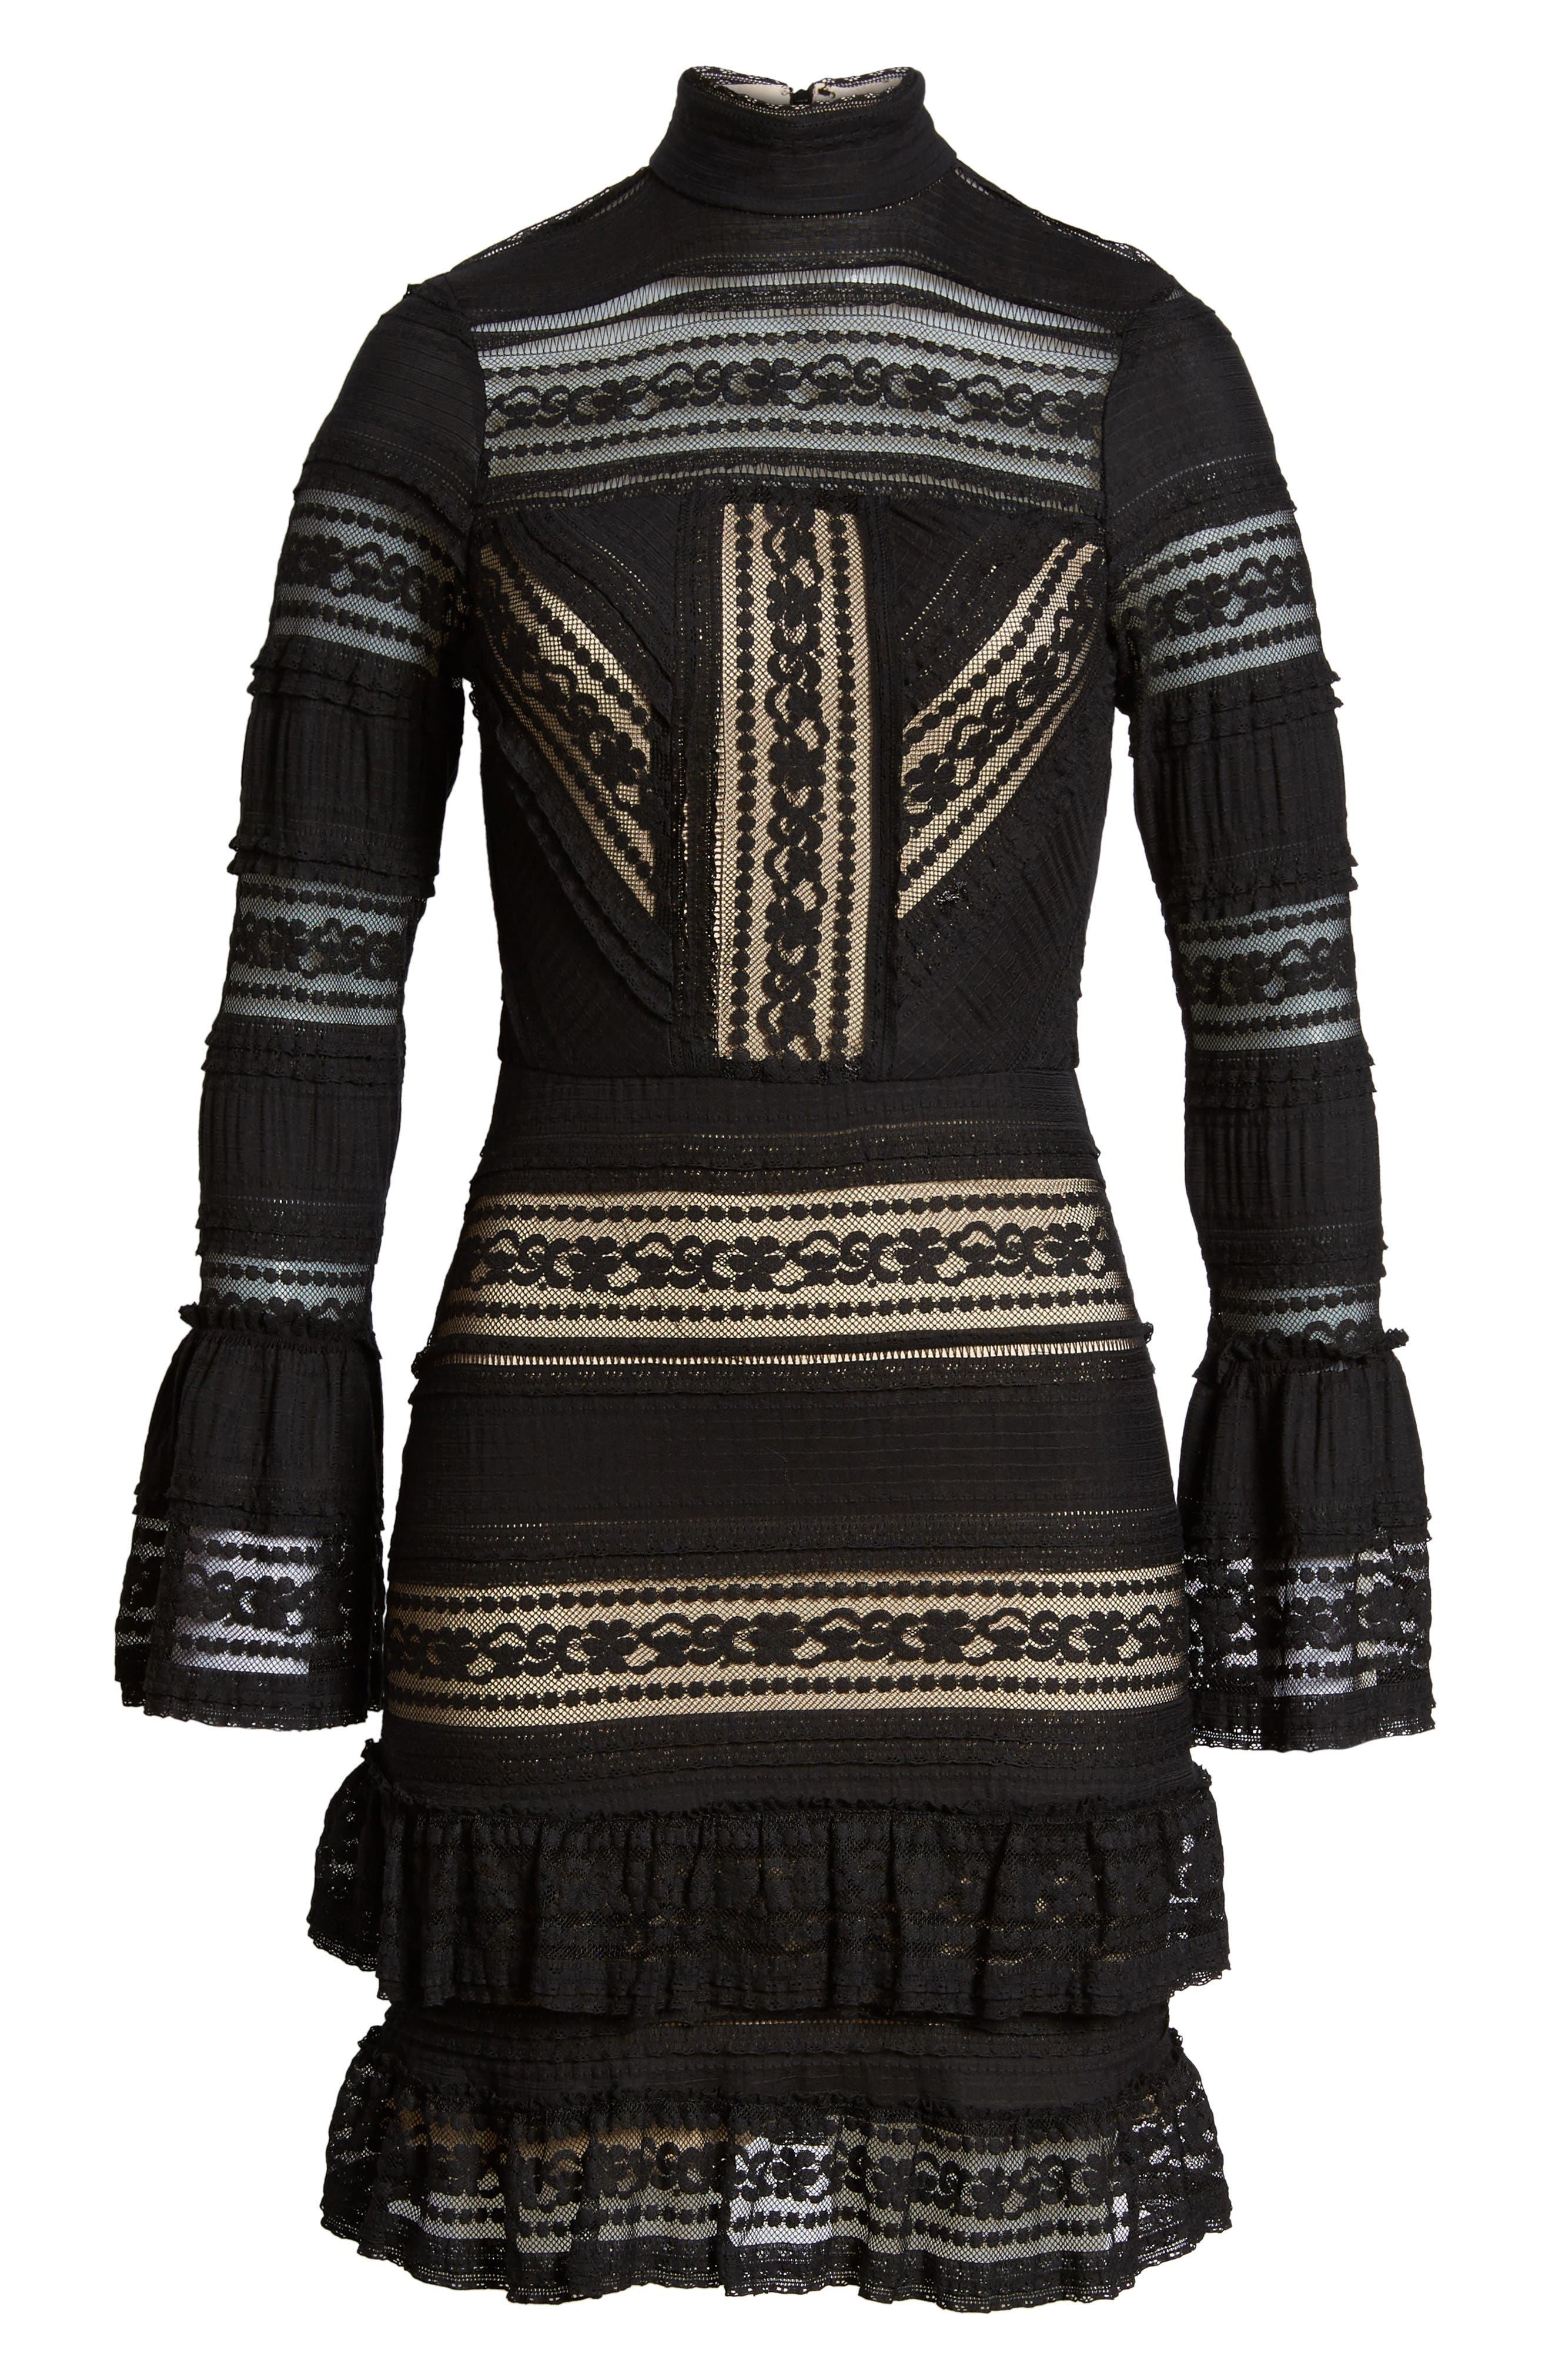 Topanga Lace Sheath Dress,                             Alternate thumbnail 6, color,